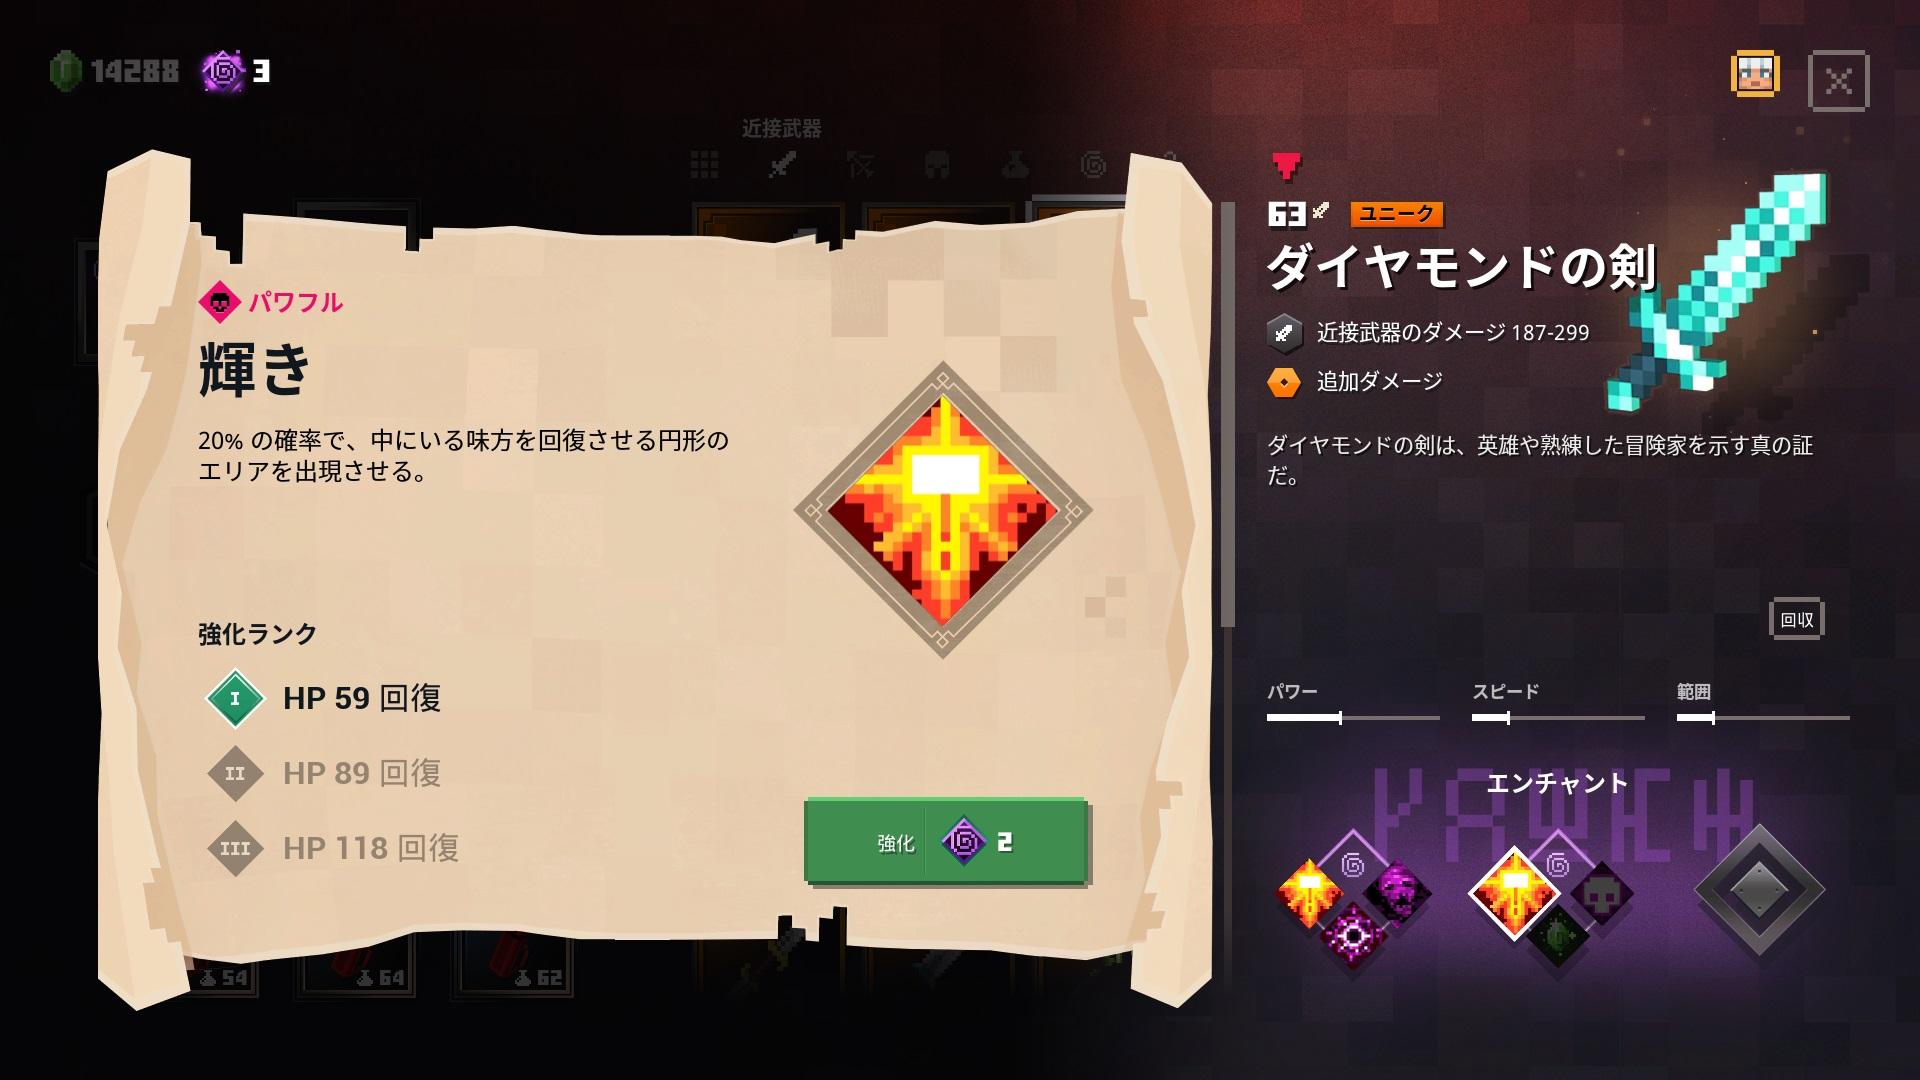 ダイヤモンドの剣ユニーク